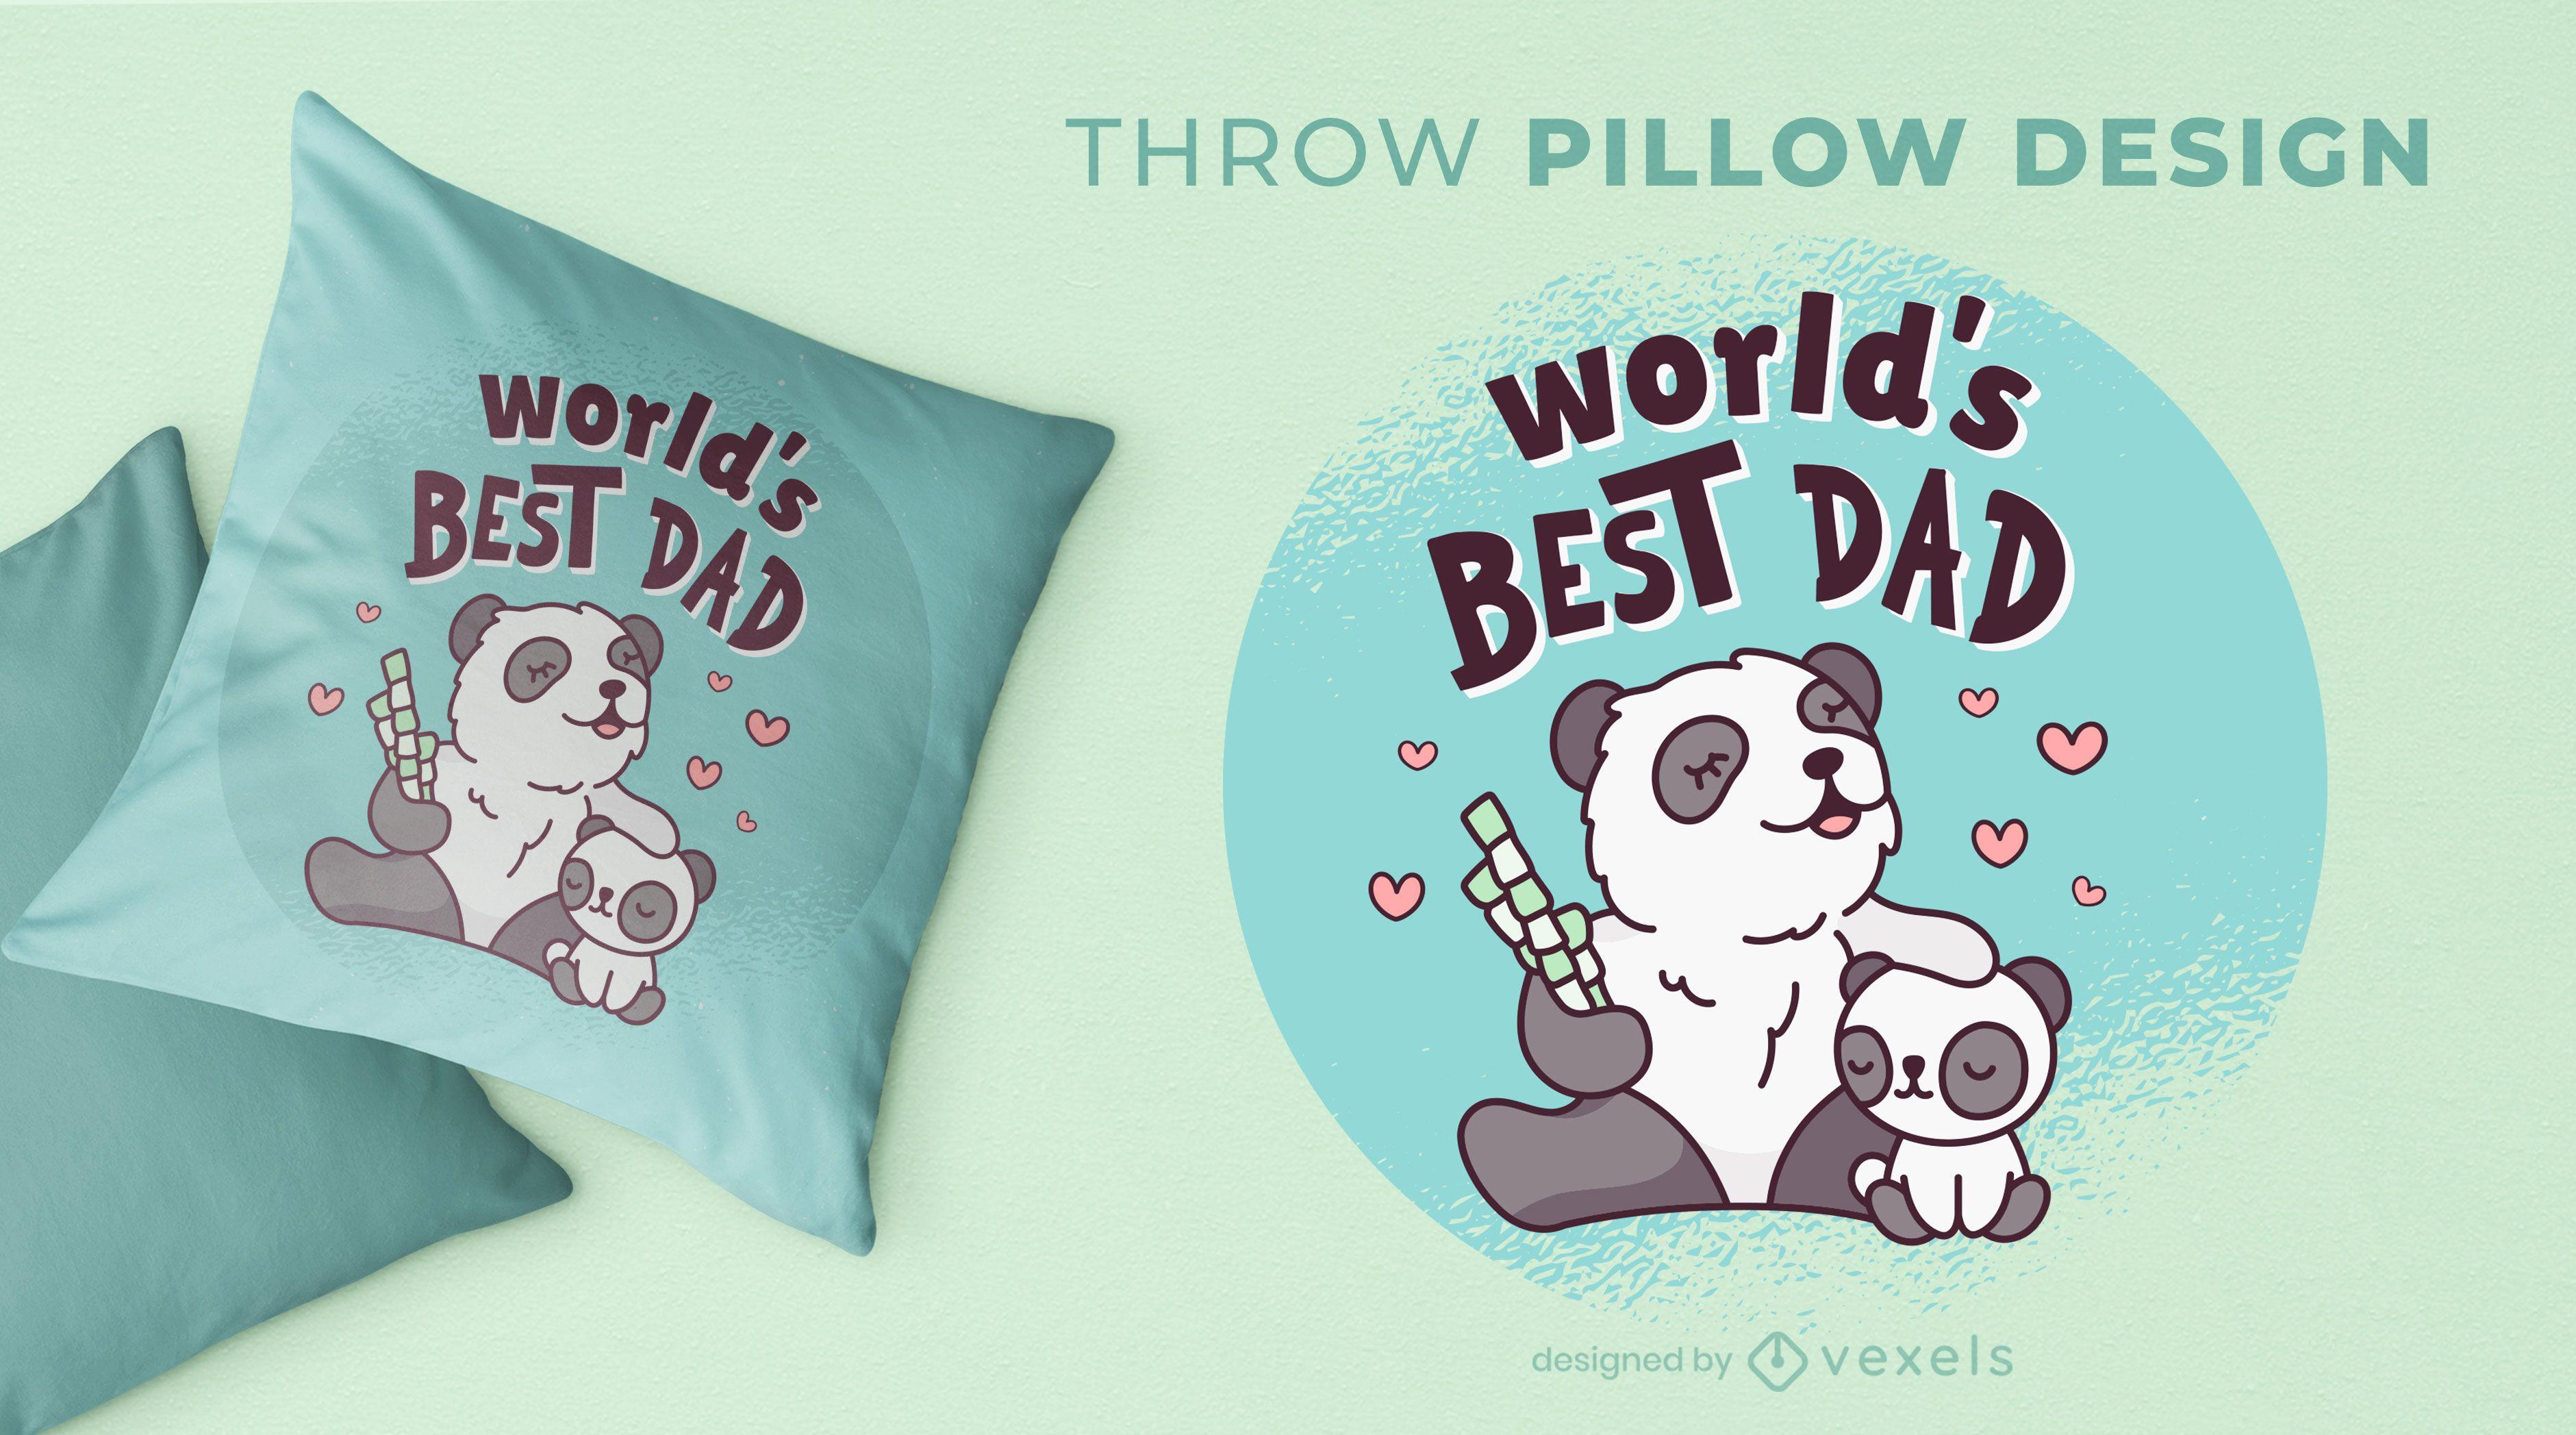 Diseño de almohada para el día del padre.